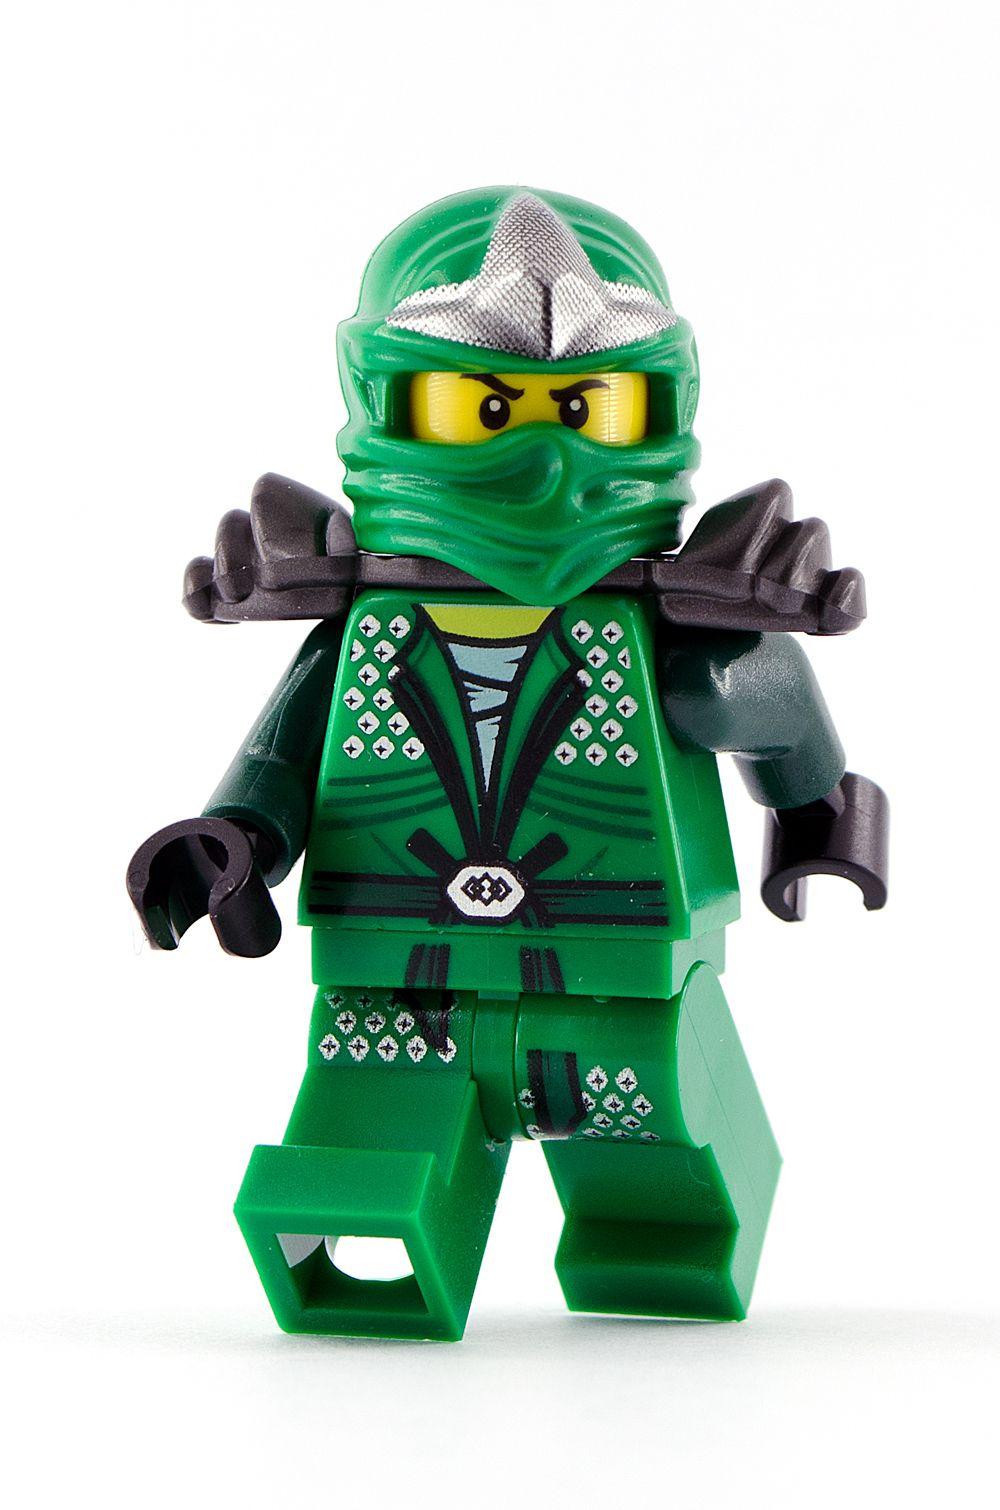 Lego Lloyd Green Ninja Figurine lego ninjago Movie figurine Series Figure